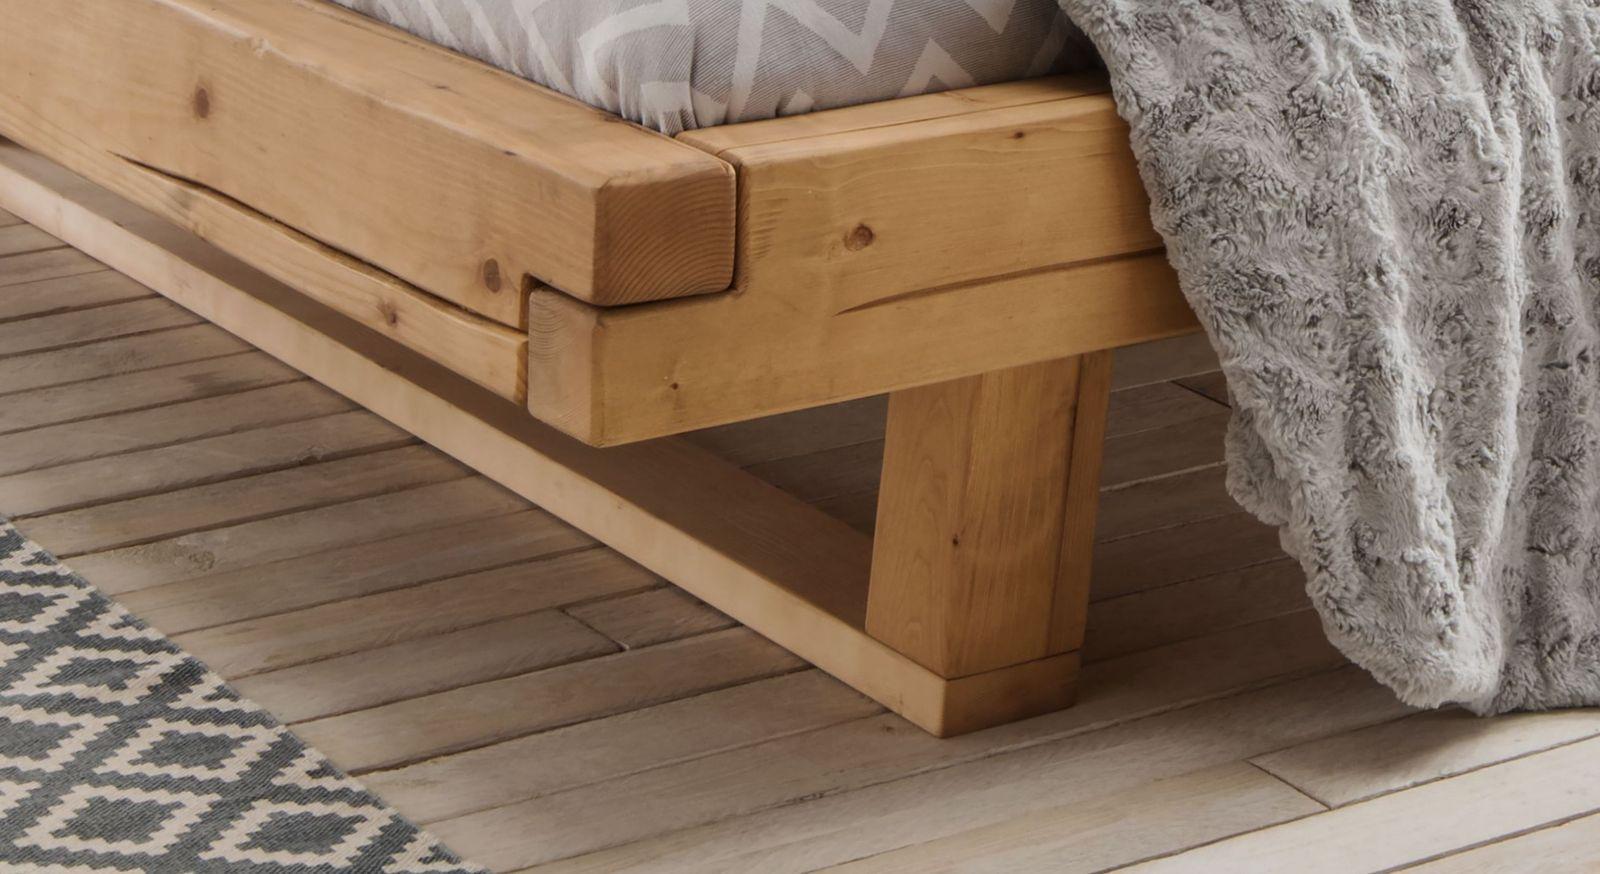 Bett Basiliano mit Bettbeinen aus Massivholz